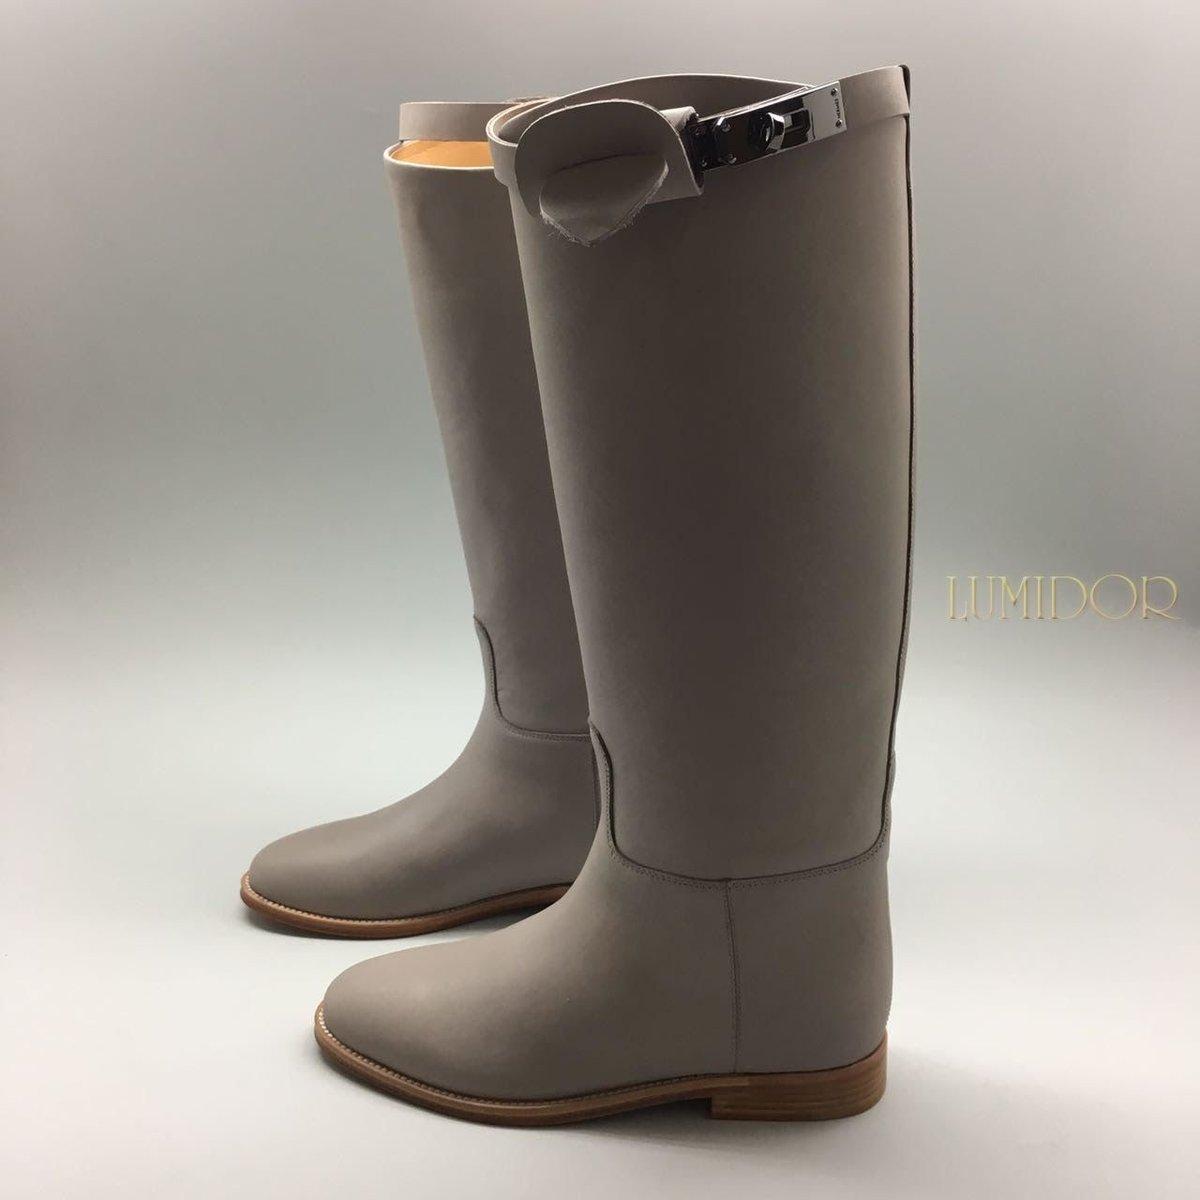 907a5f2b8689 Ботинки Hermes женские в Волгодонске. Женские ботинки от руб, купить по  низкой цене Сайт